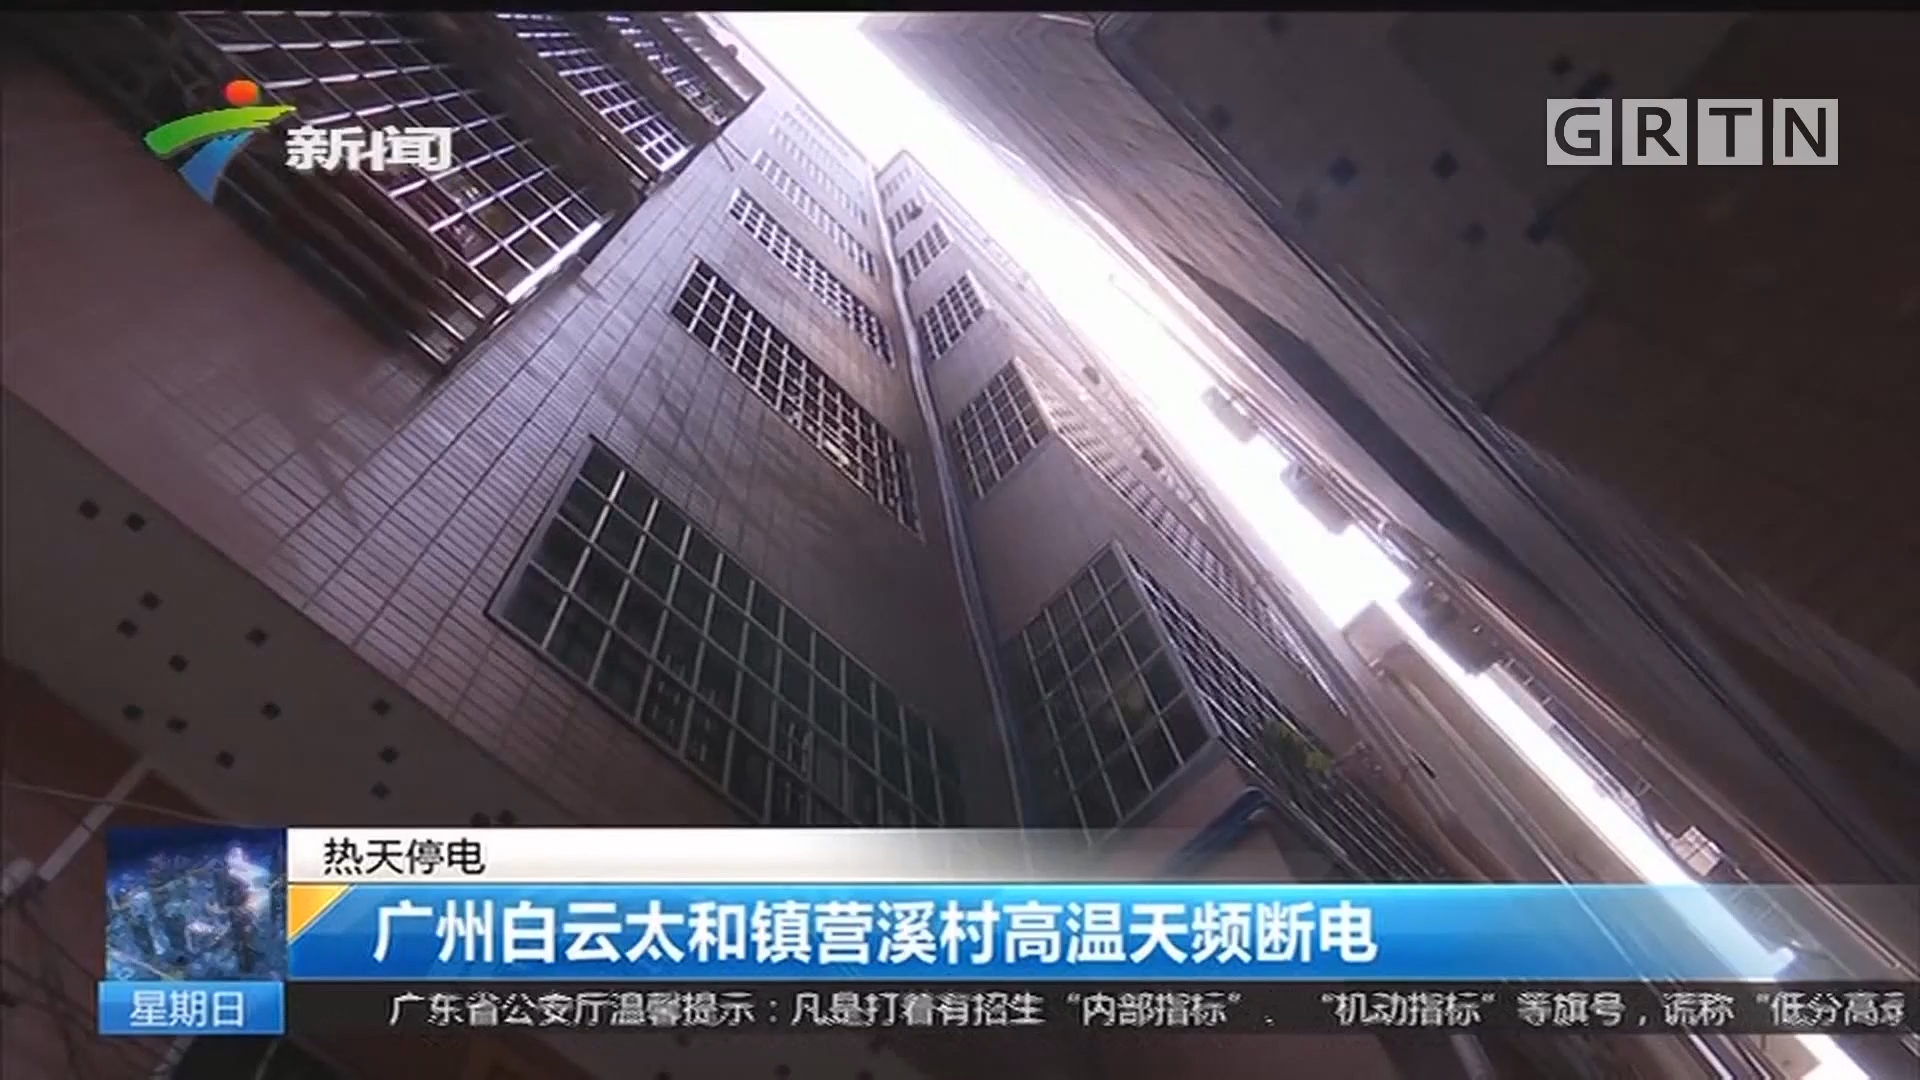 热天停电:广州白云太和镇营溪村高温天频断电